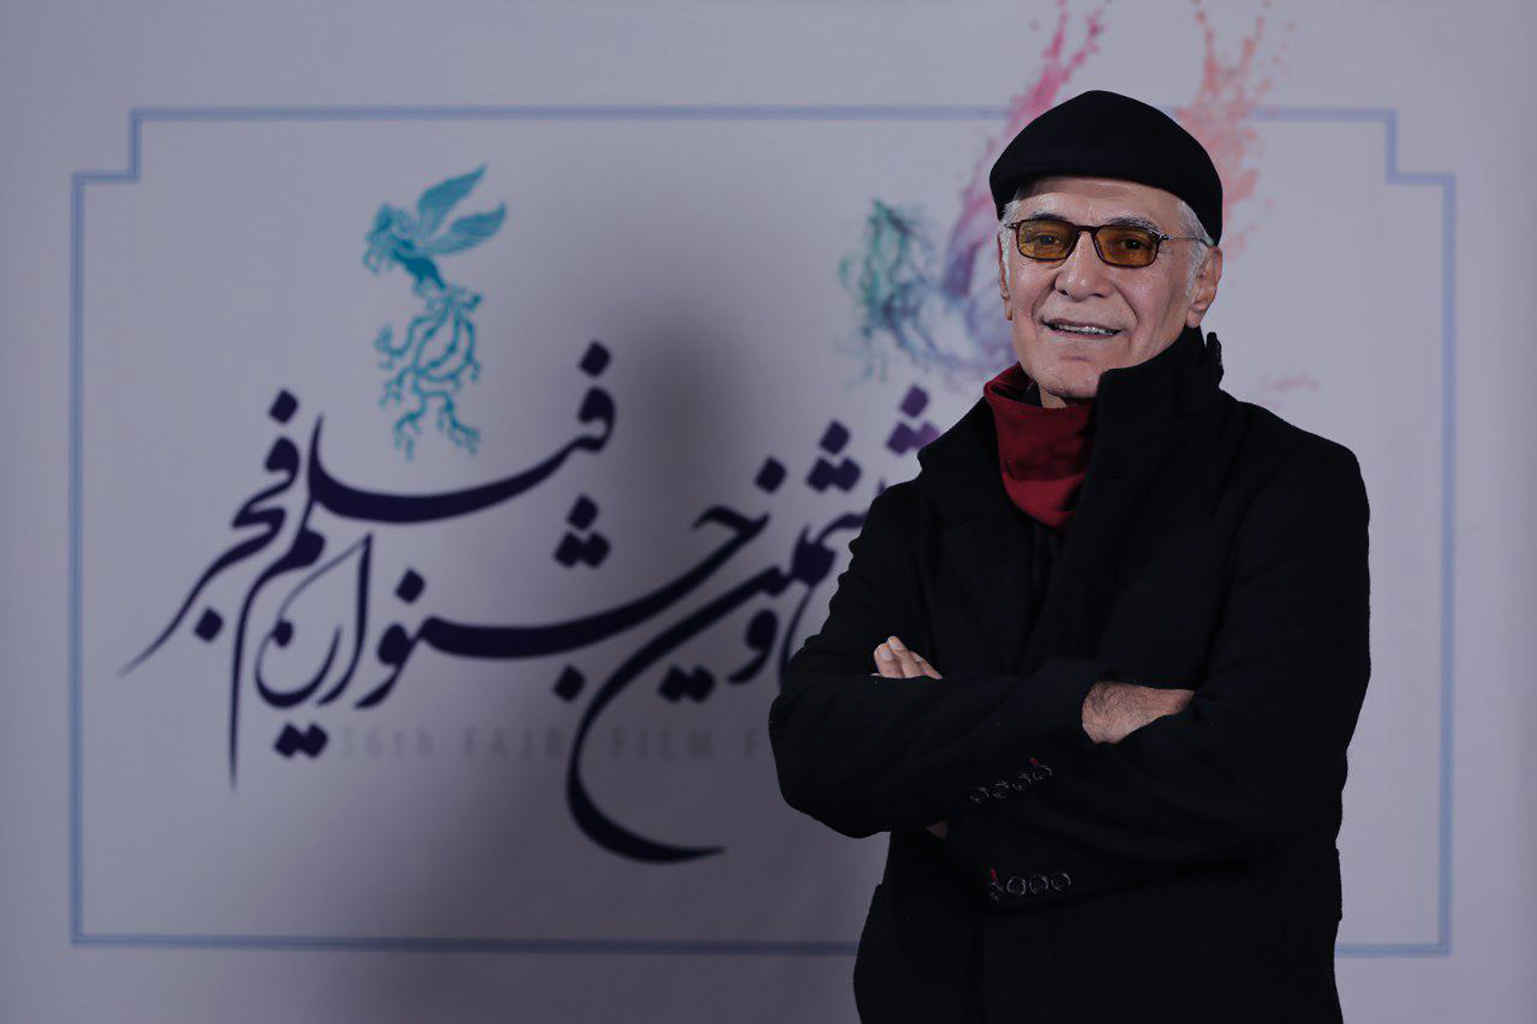 محمود کلاری فیلمبردار در جشنواره فیلم فجر